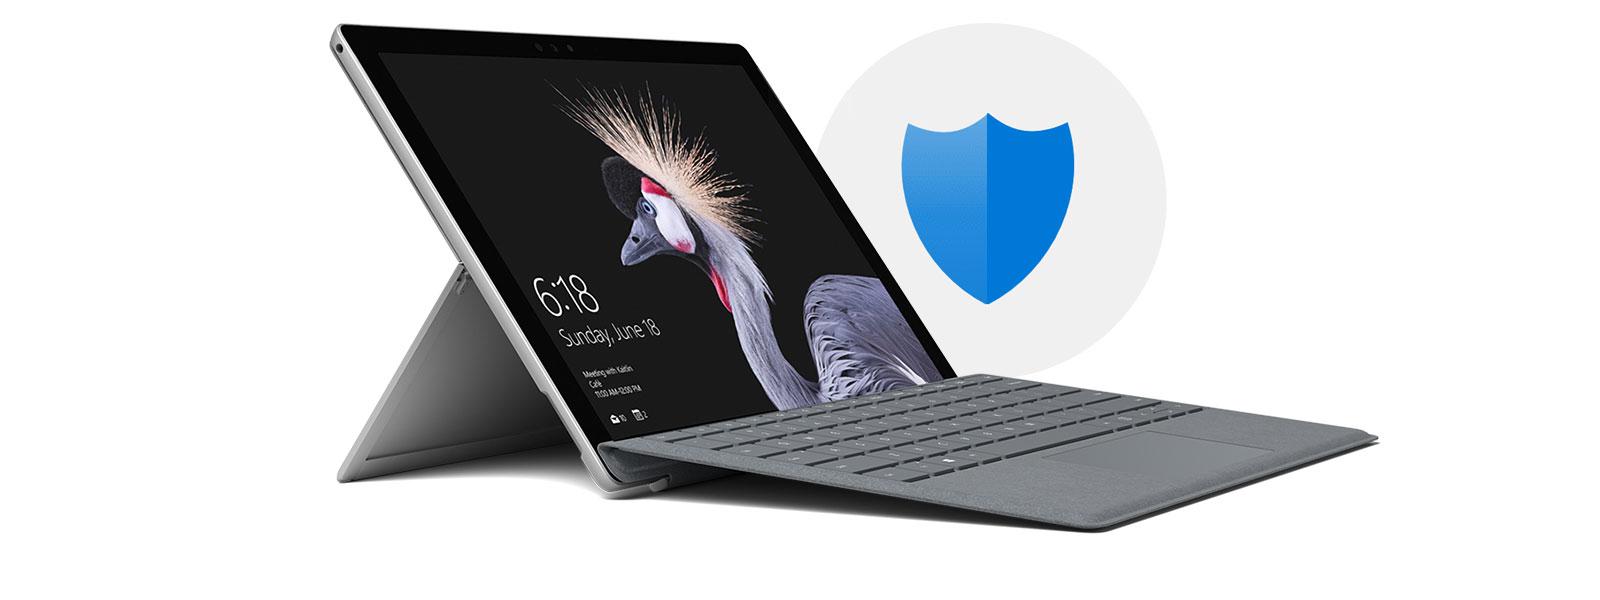 Bild eines Surface Pro und ein Sicherheitssymbol im Hintergrund